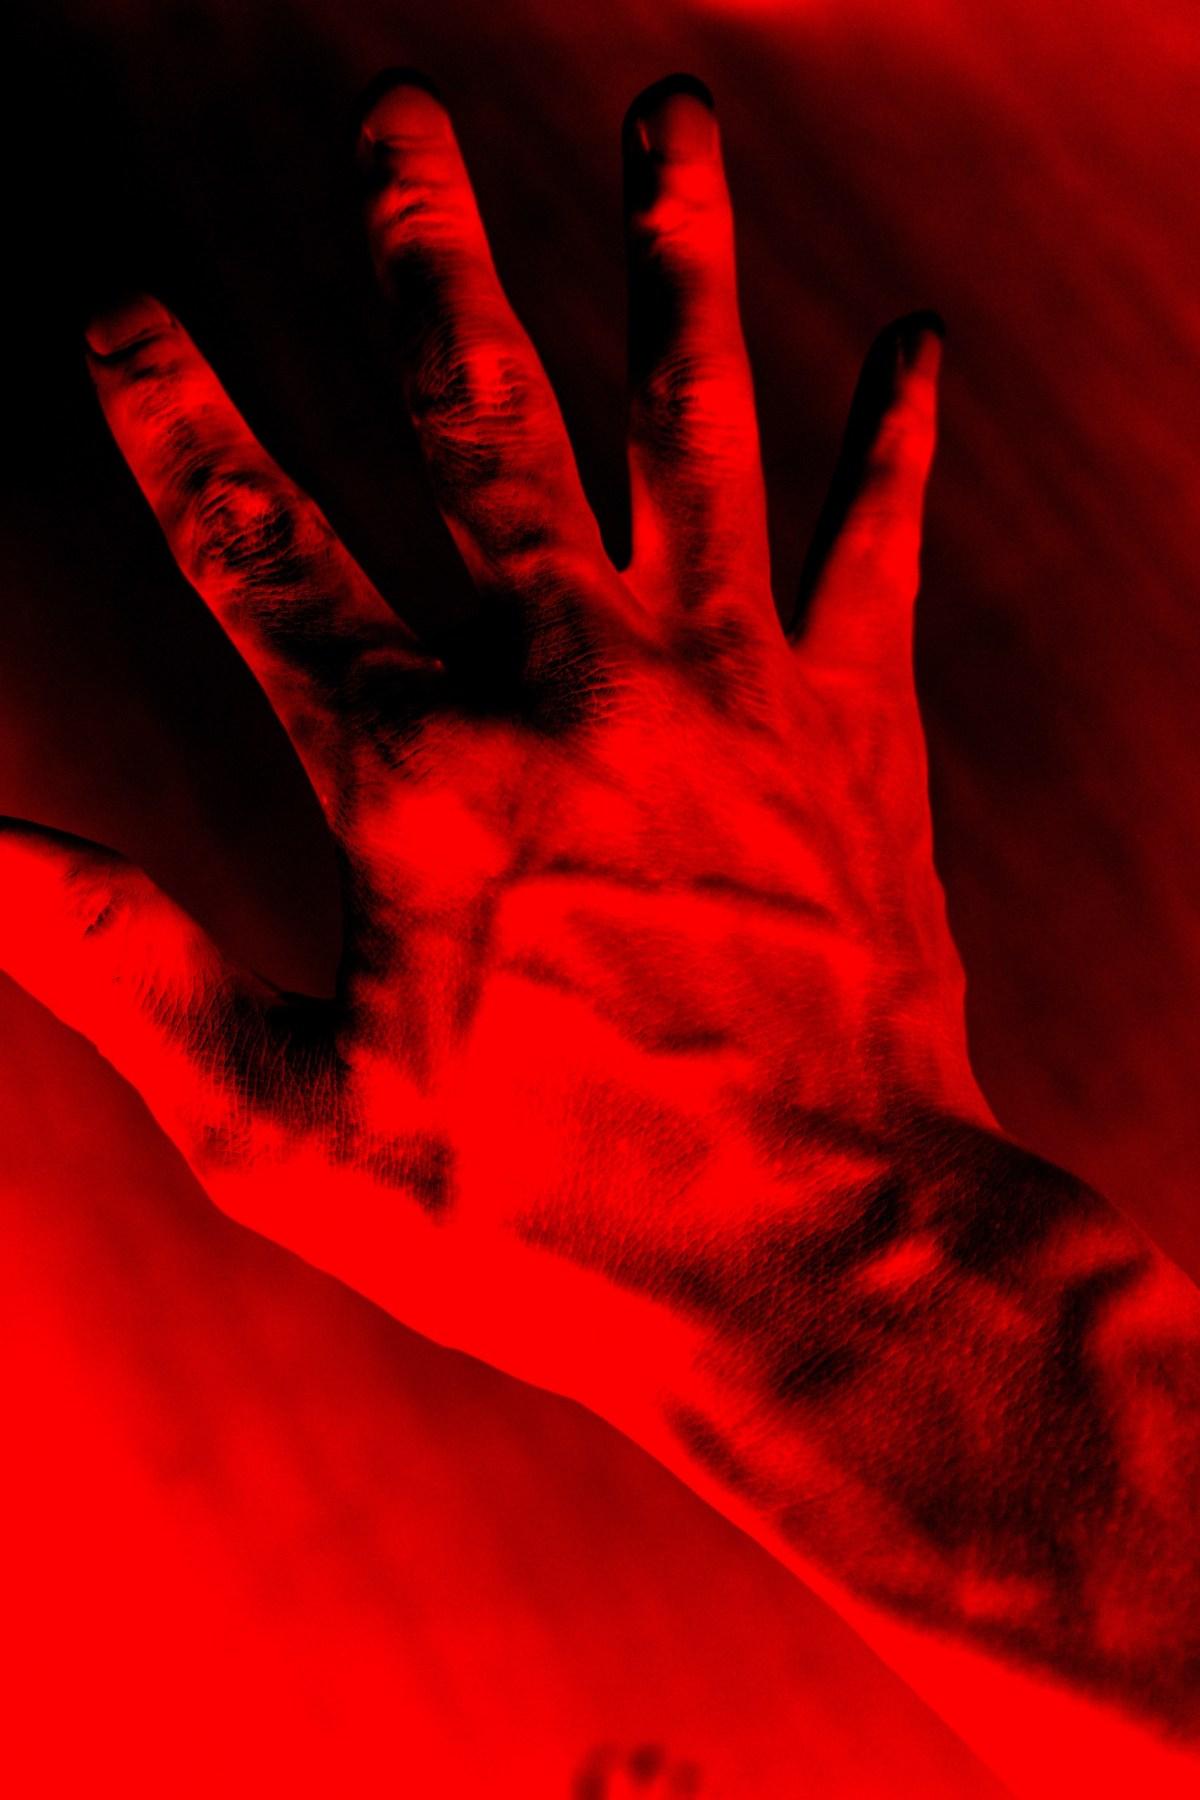 Hand red Eric kim